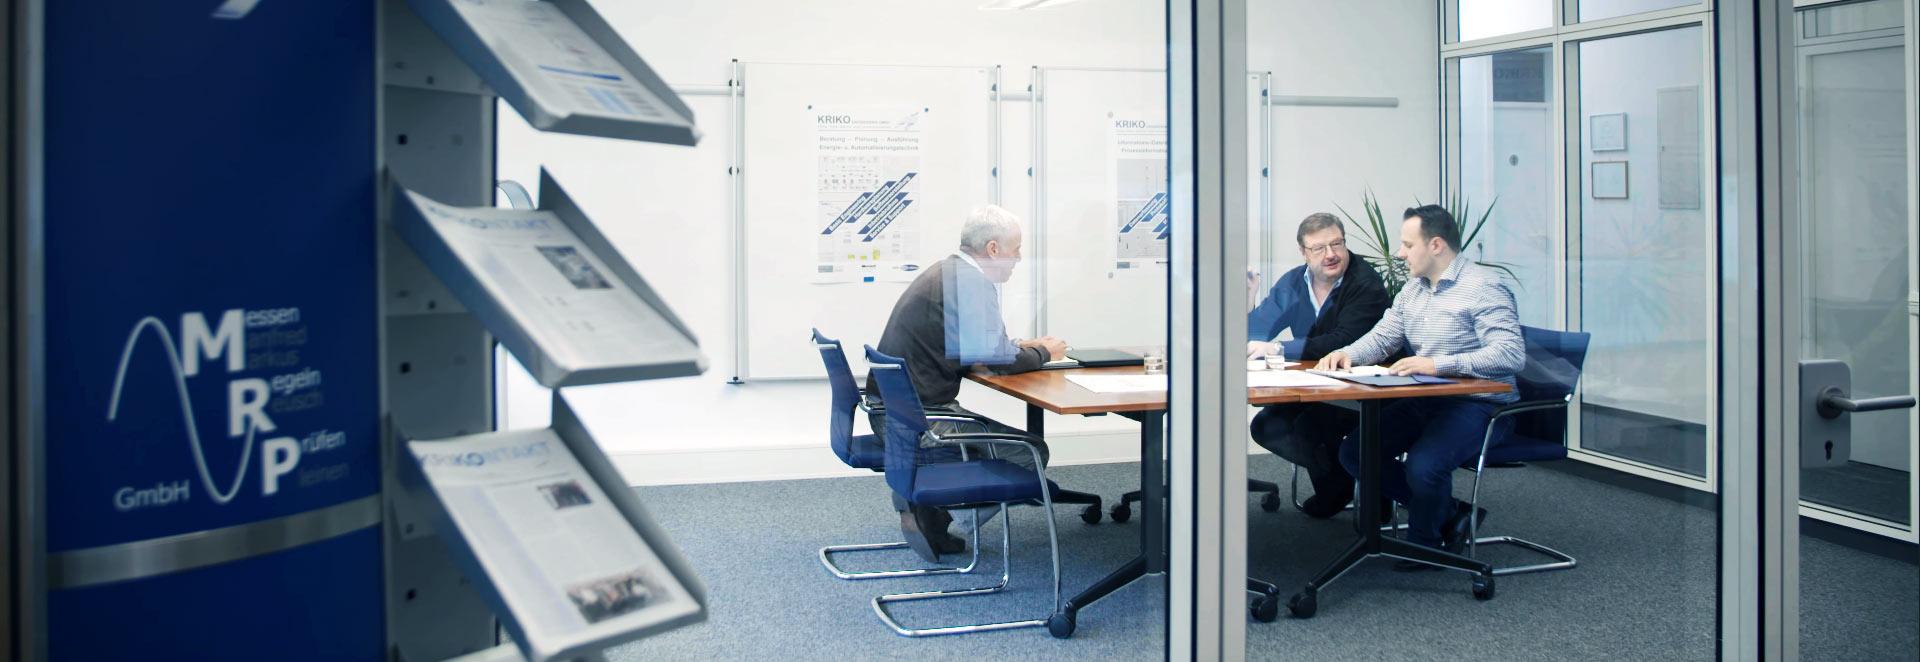 Bild zeigt eine Besprechungssituation bei KRIKO Engineering